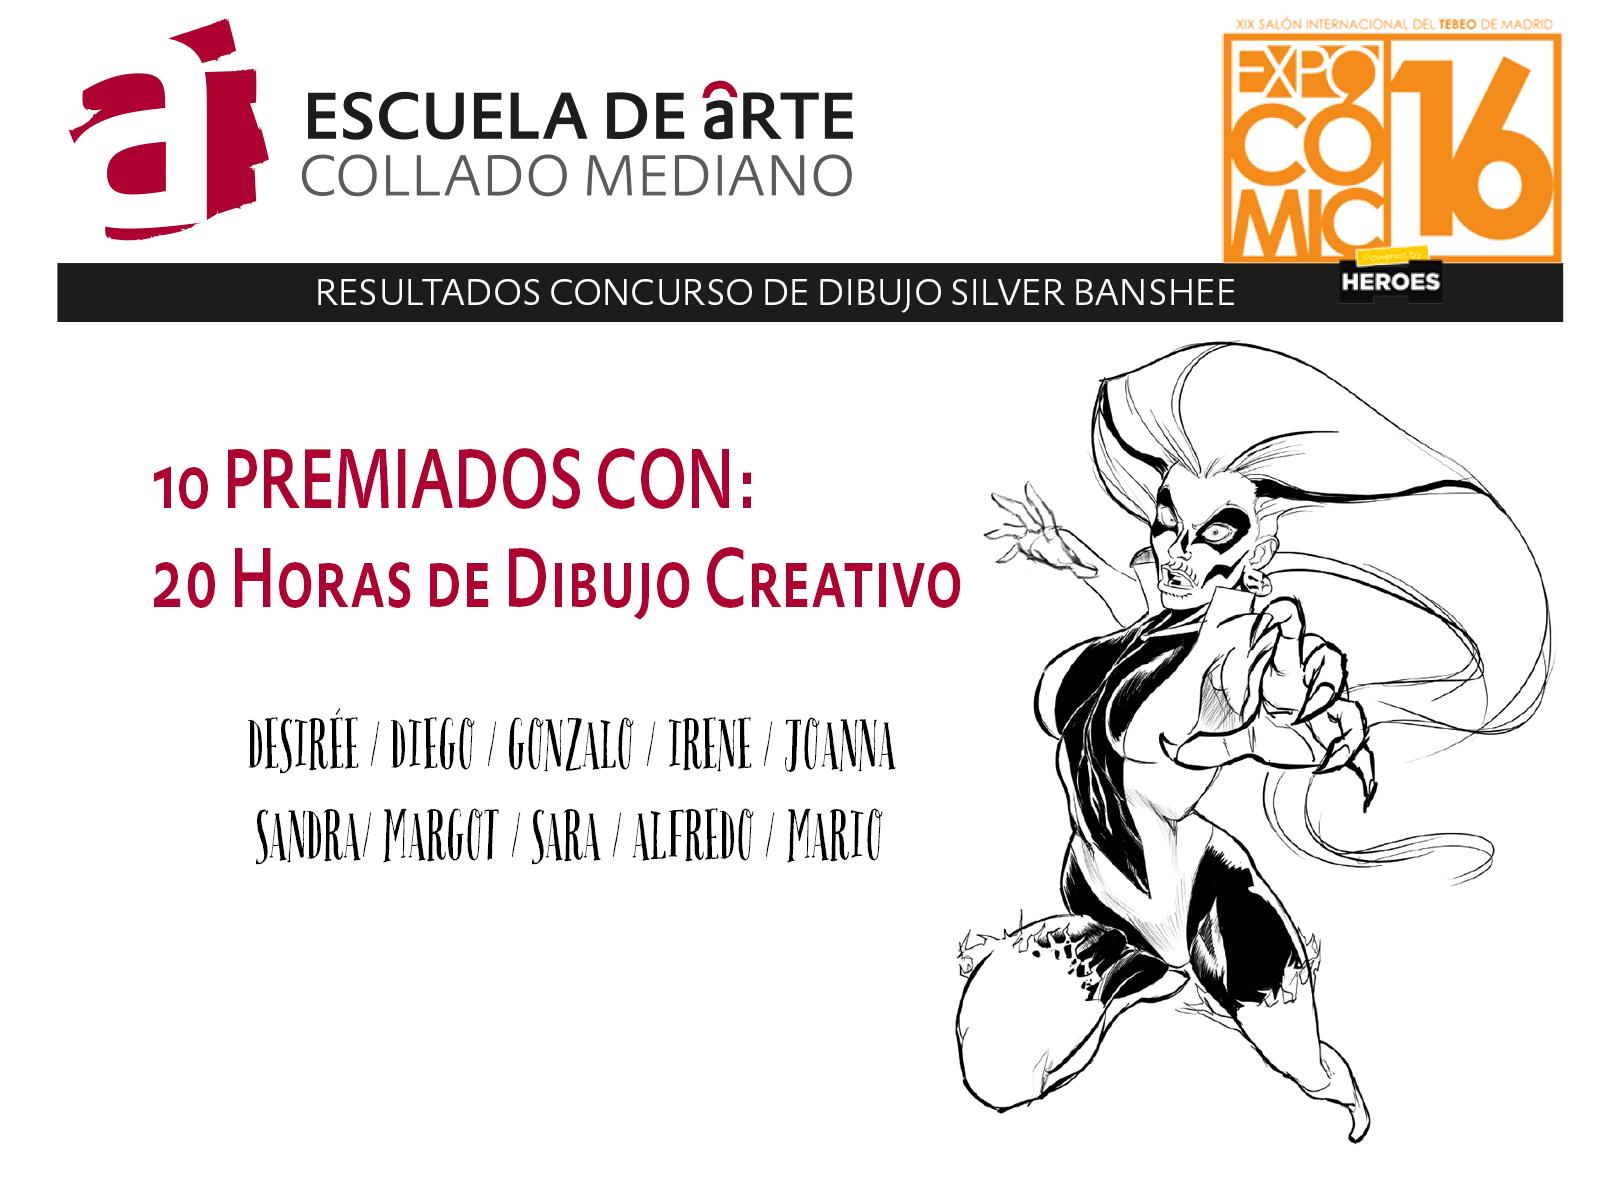 Escuela de arte collado mediano escuela de arte collado - Concurso de dibujo 2017 ...